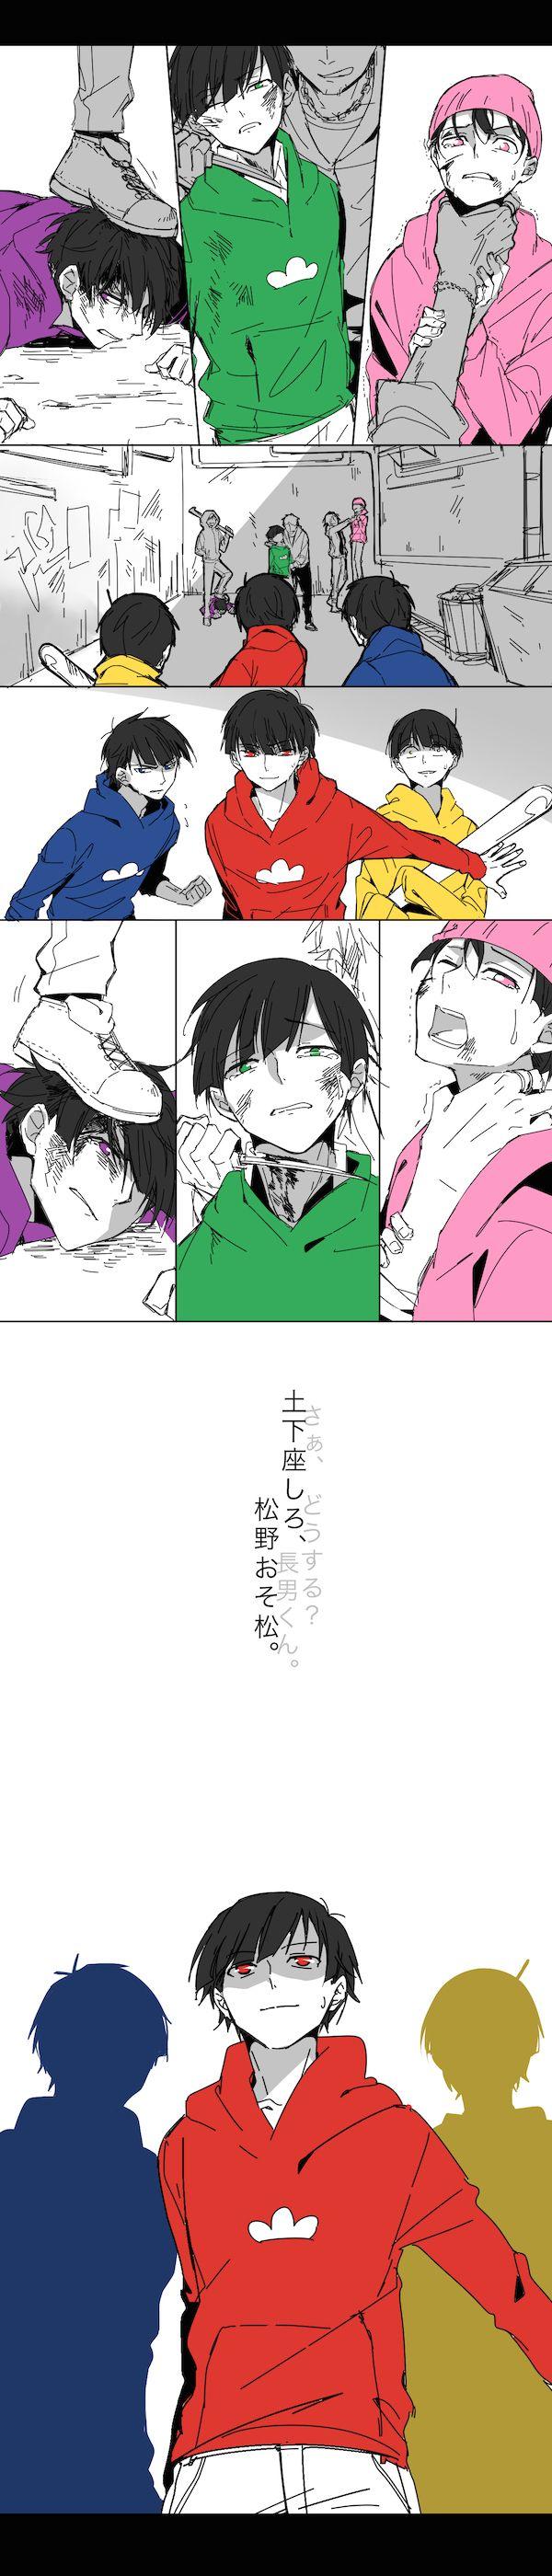 (1/4) Osomatsu-san- Osomatsu, Karamatsu, Choromatsu, Ichimatsu, Jyushimatsu, and Todomatsu #Anime「♡」